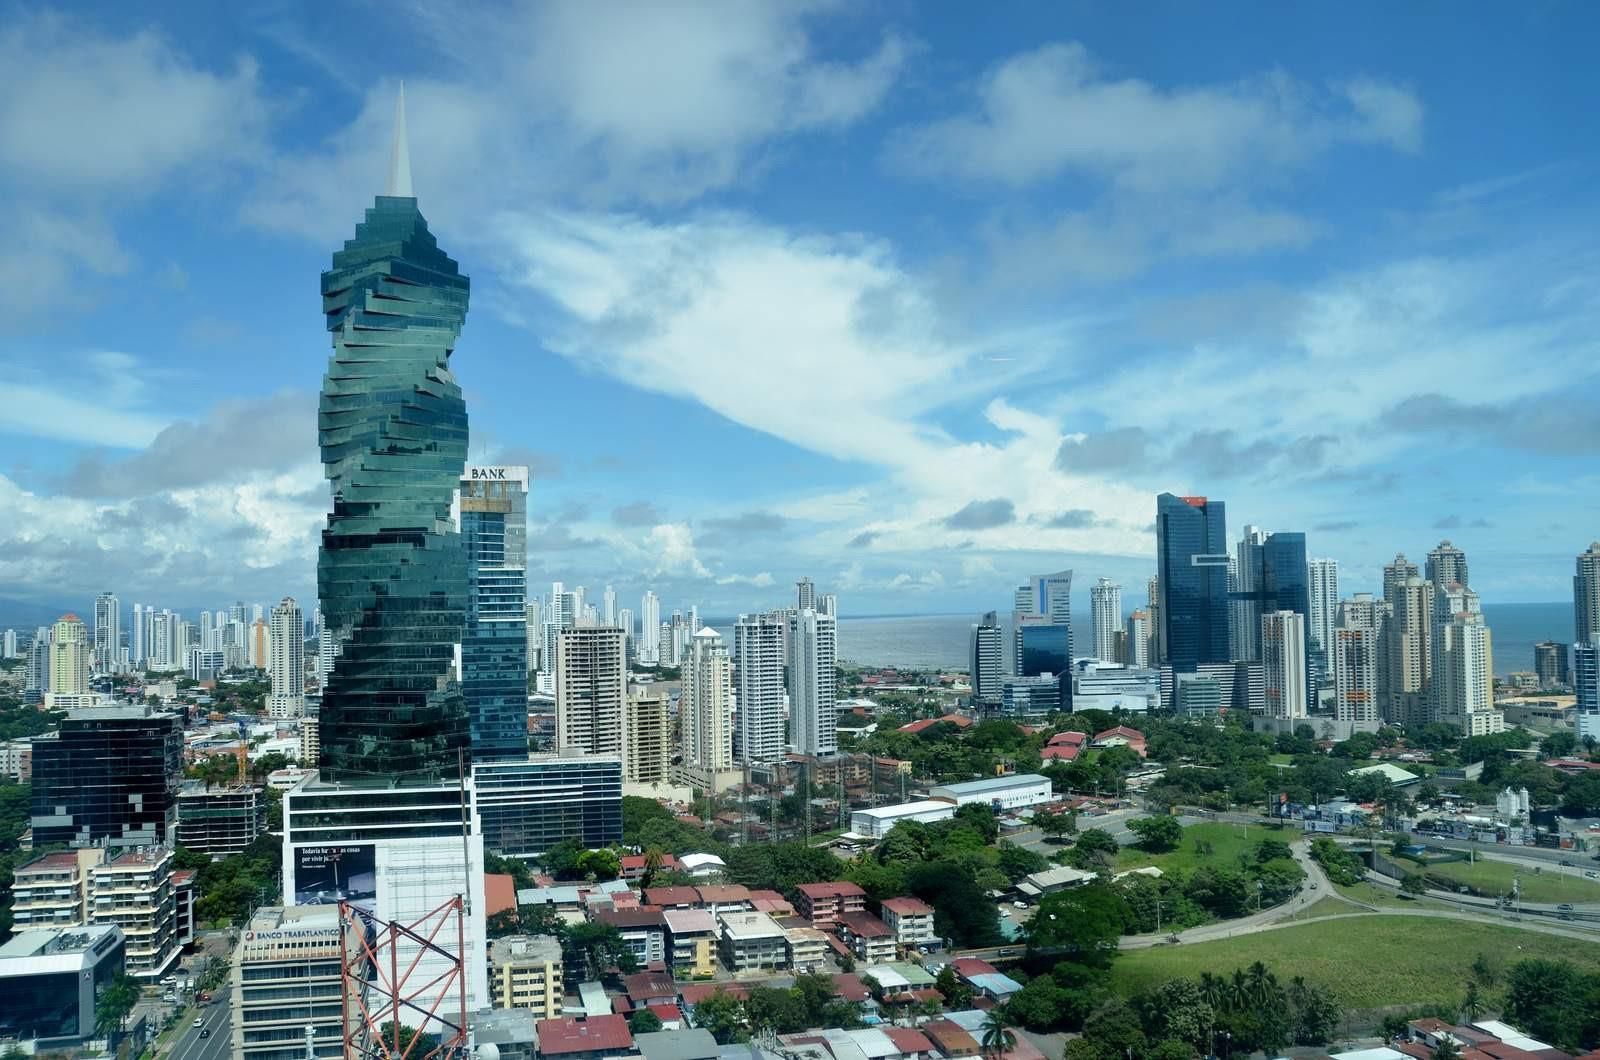 10 tòa tháp xoắn ốc đẹp ấn tượng thế giới Ảnh 2